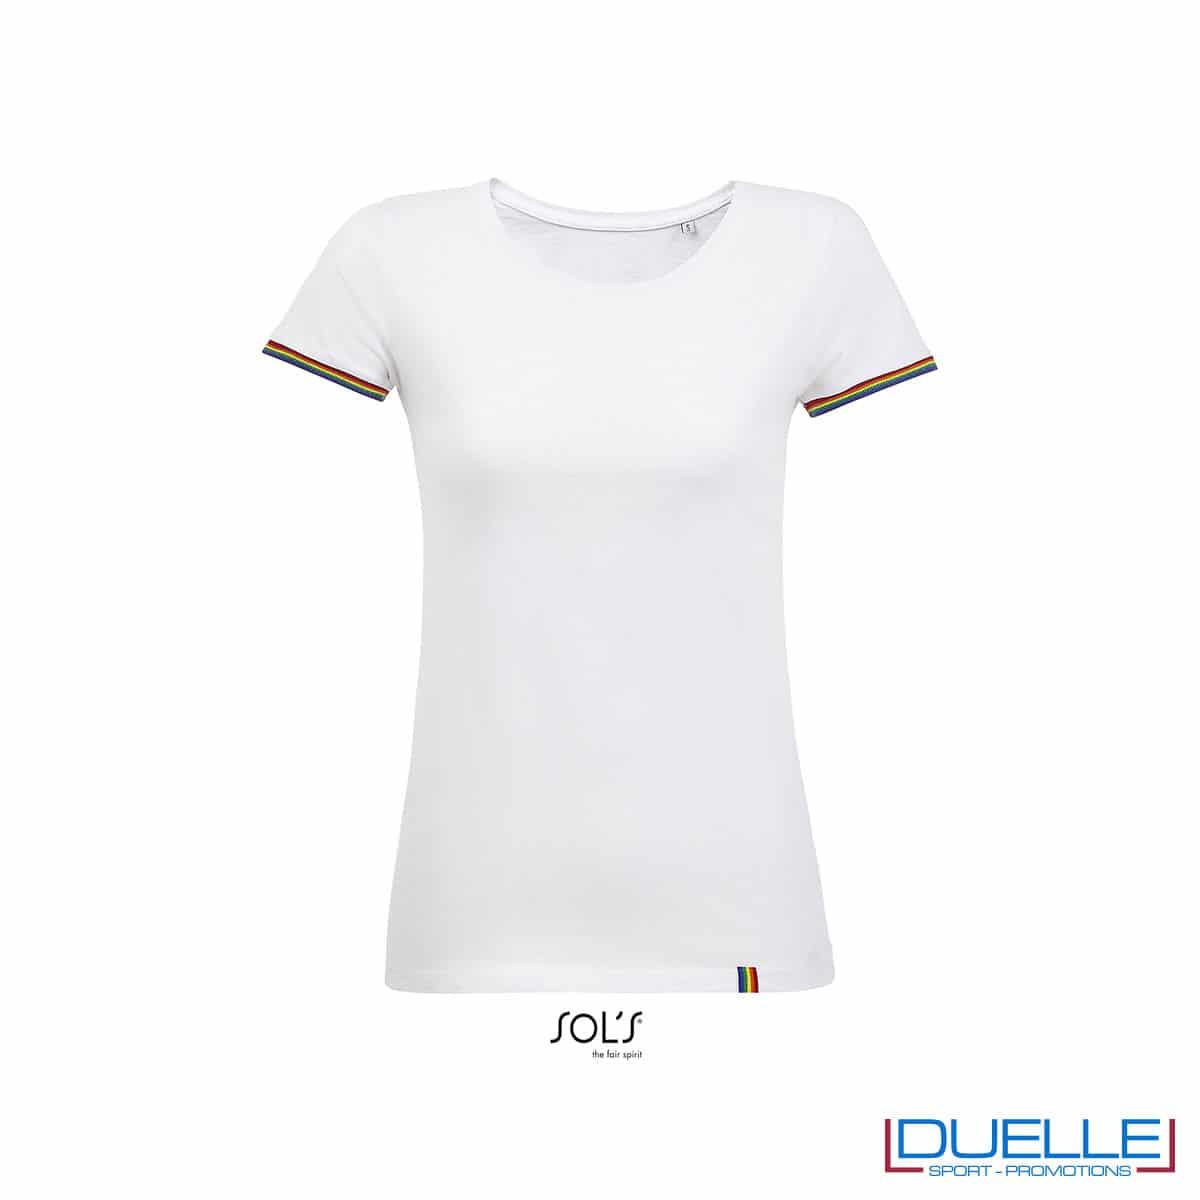 maglia donna bianca e arcobaleno